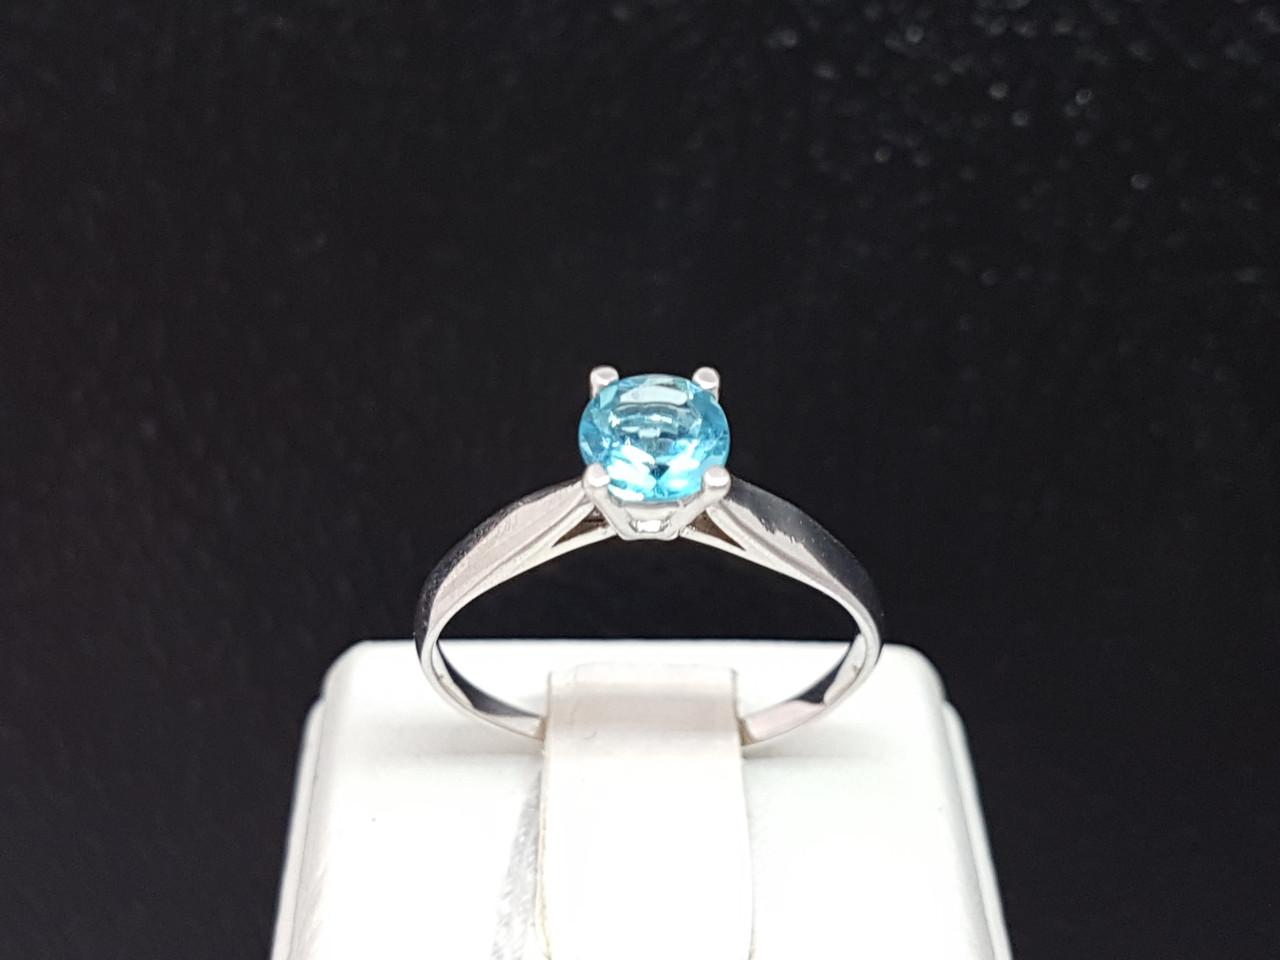 Серебряное кольцо Эир с кварцем. Артикул 1832/9Р-QSWB 19